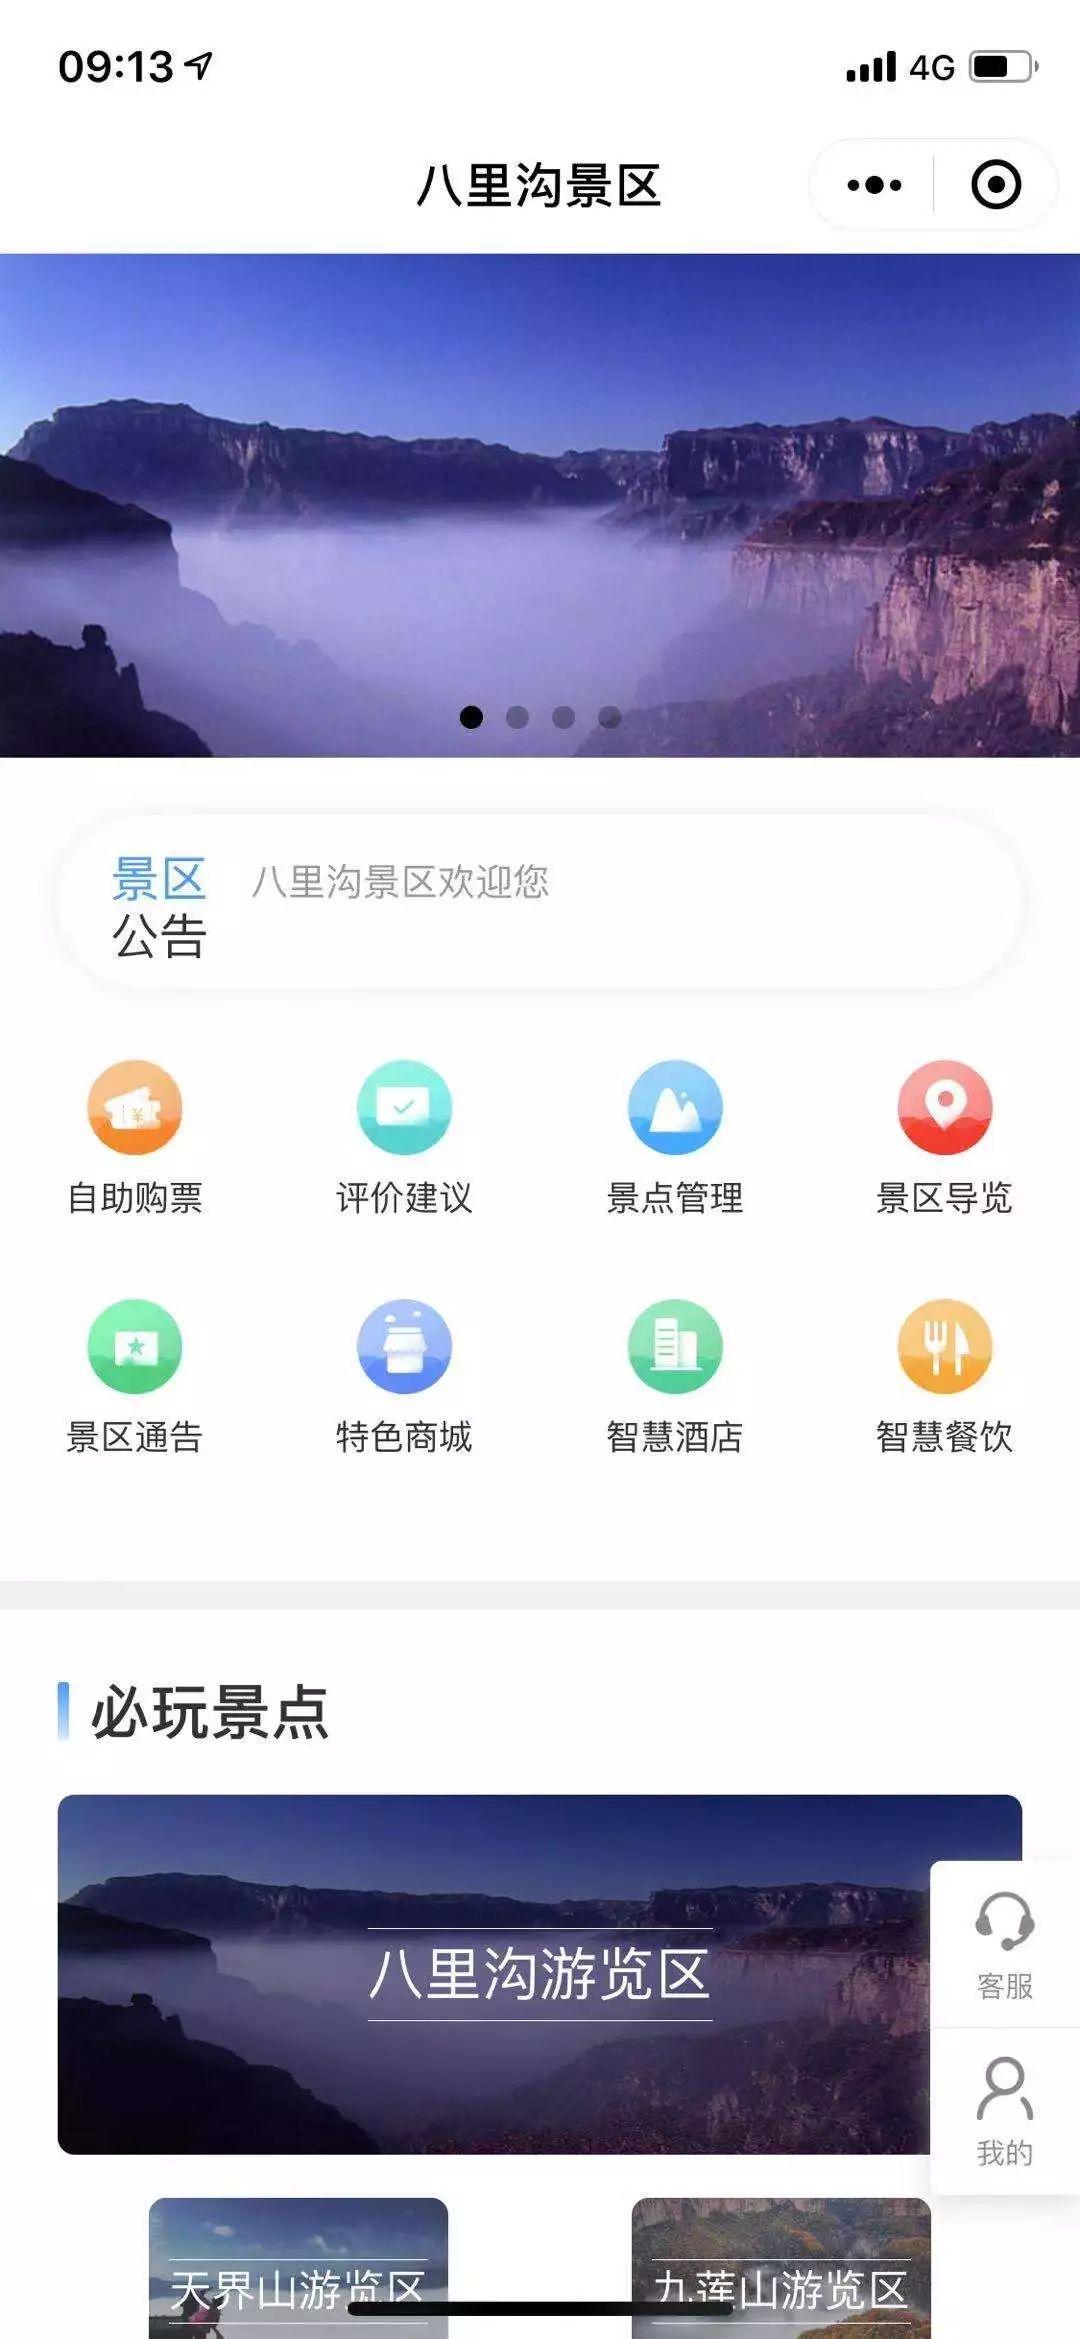 喜讯|新乡八里沟景区荣获2019年度四钻级智慧景区荣誉称号